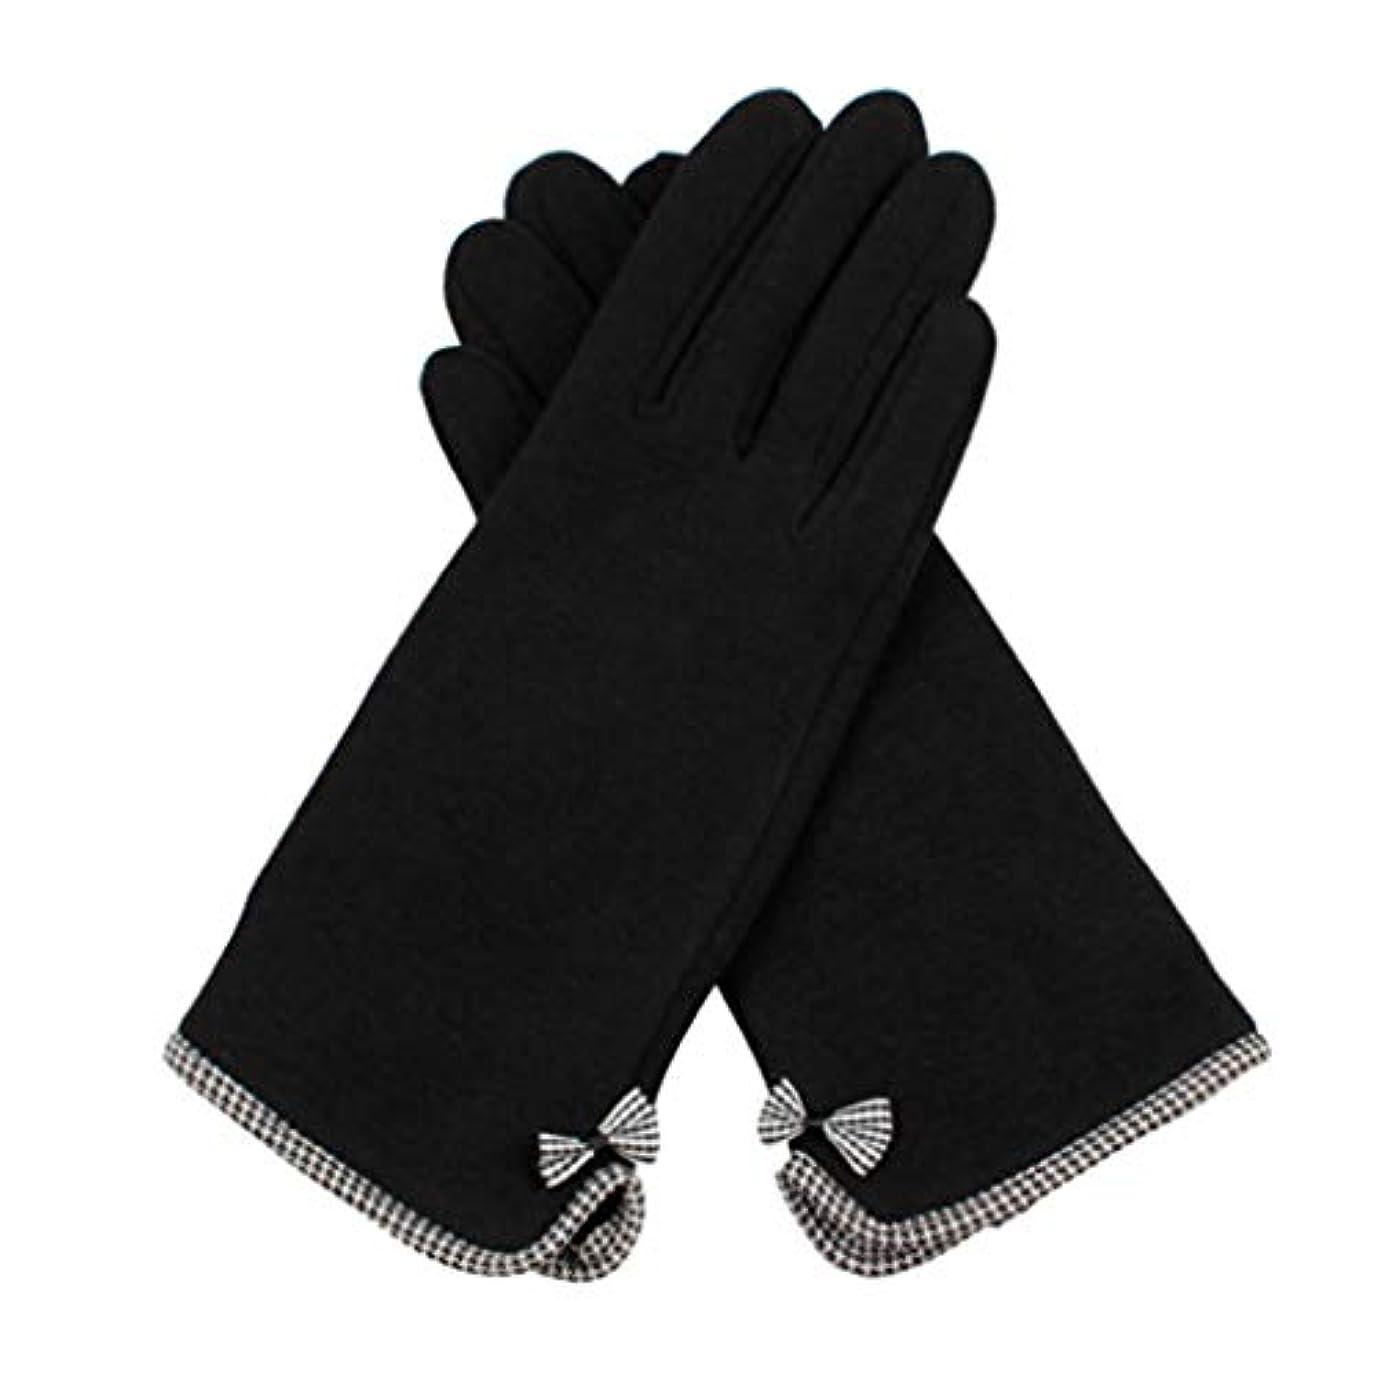 ブレンド試用ツール手袋女性の冬暖かい韓国語版蝶の結び目の学生ファッションスリムサイクリング運転女性の手袋 (色 : 黒)